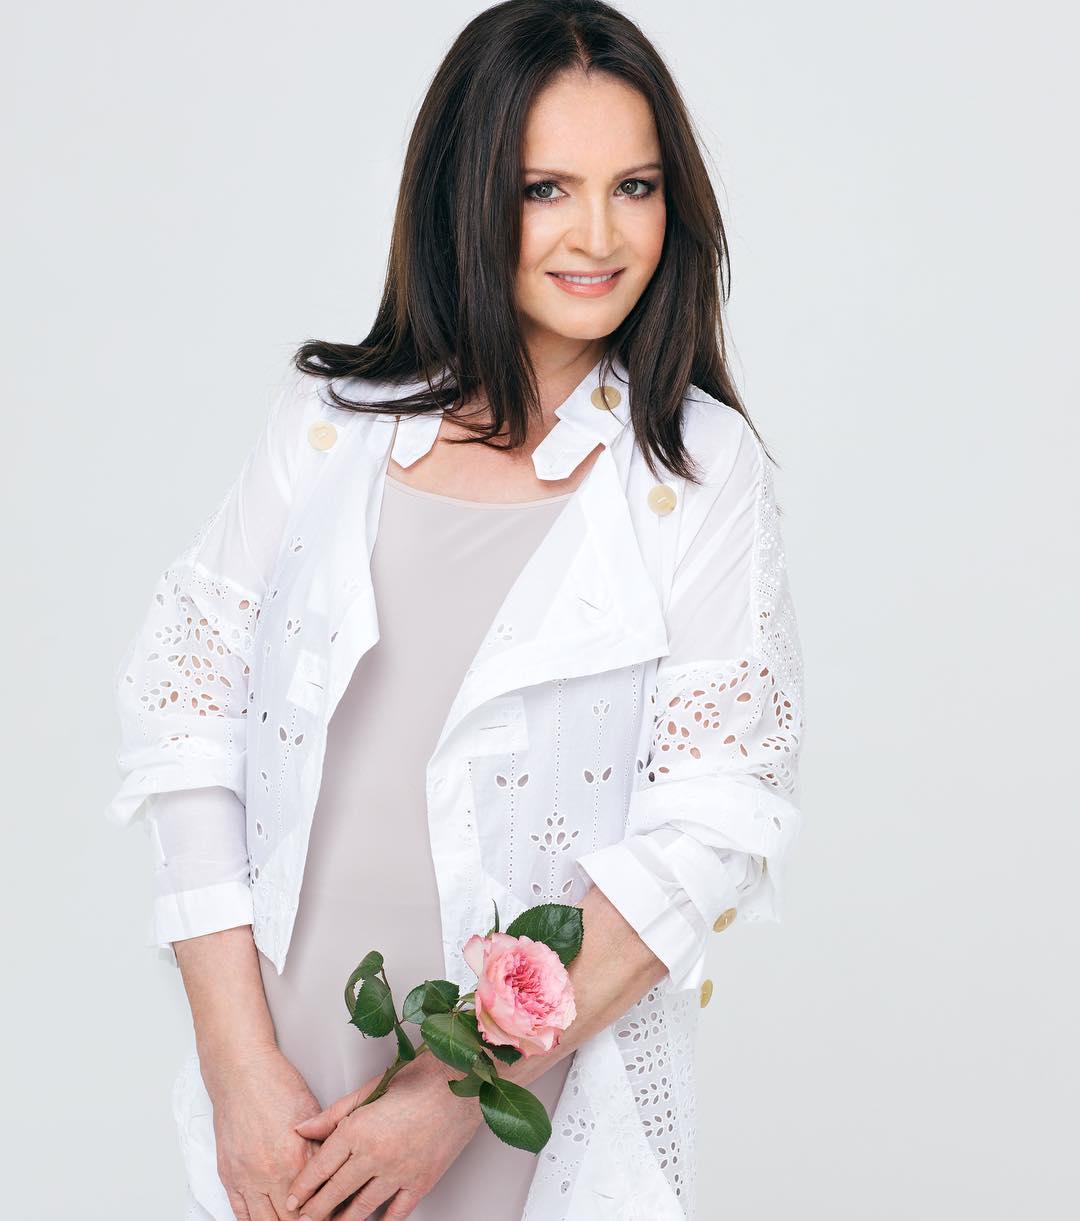 София Ротару - Концерт в Бельцах